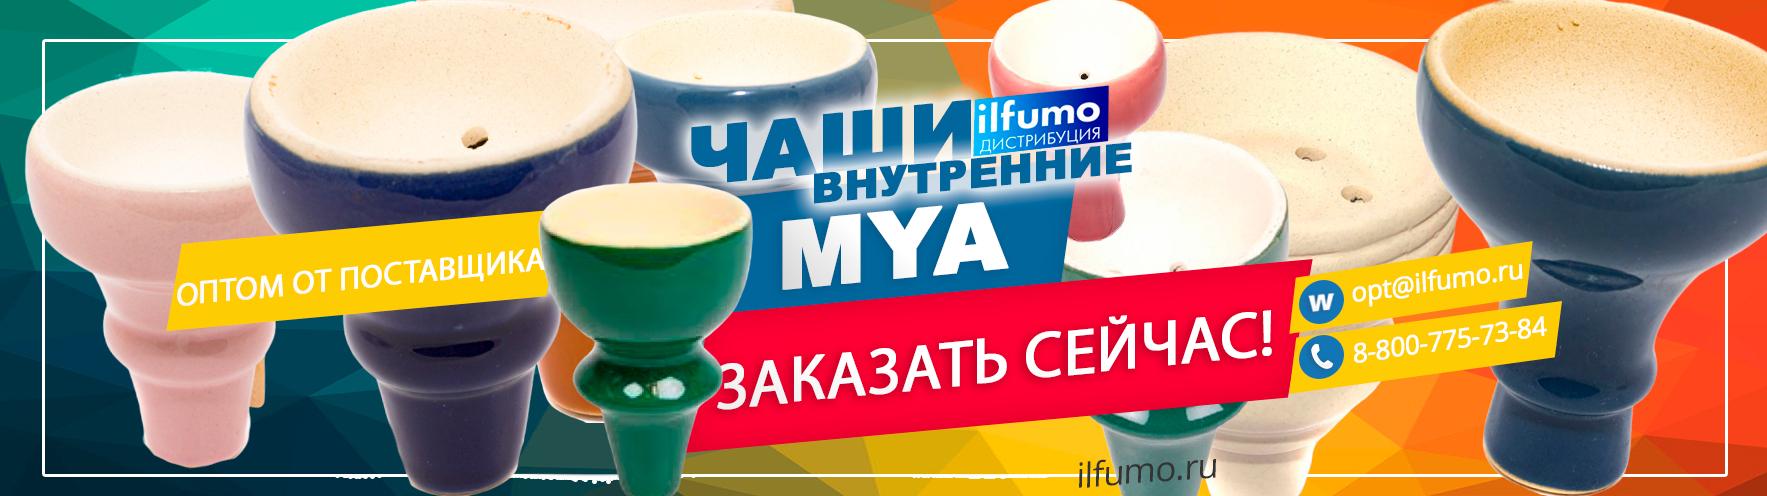 vnutrennie glubokie chashki dlja tabaka mya kupit optomjpg - Внутренние глубокие чаши MYA